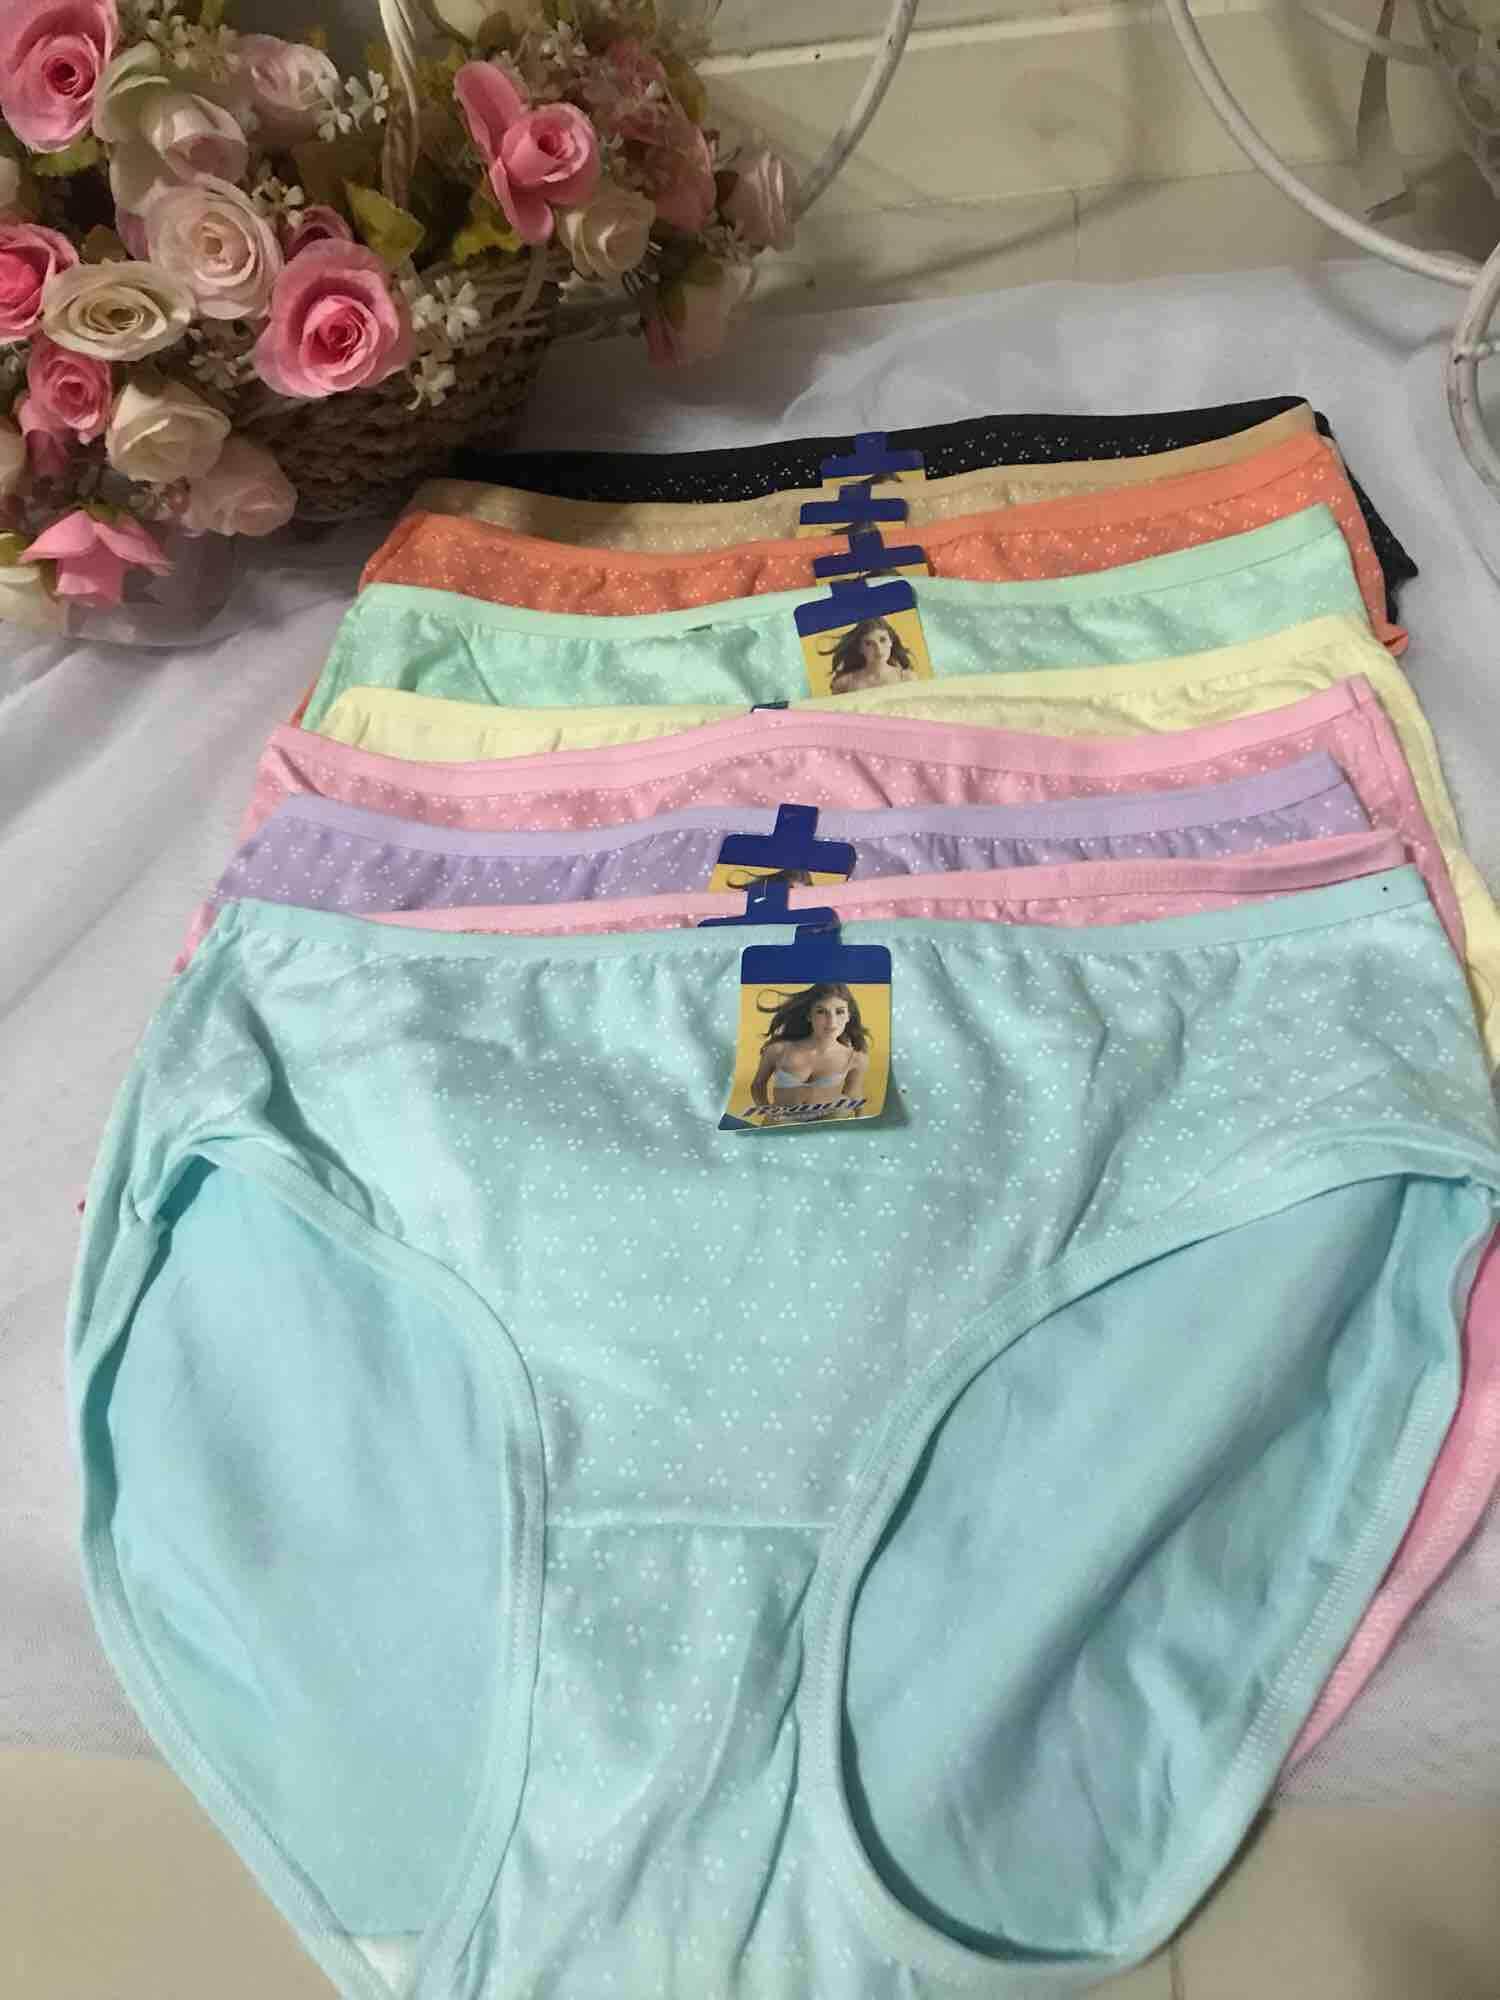 กางเกงในผู้หญิงกางเกงในสาวอวบเอวใหญ่37-42นิ้วผ้าcottonเนื้อดีมาก(โปรดอ่านรายละเอียด)แพค10ตัว